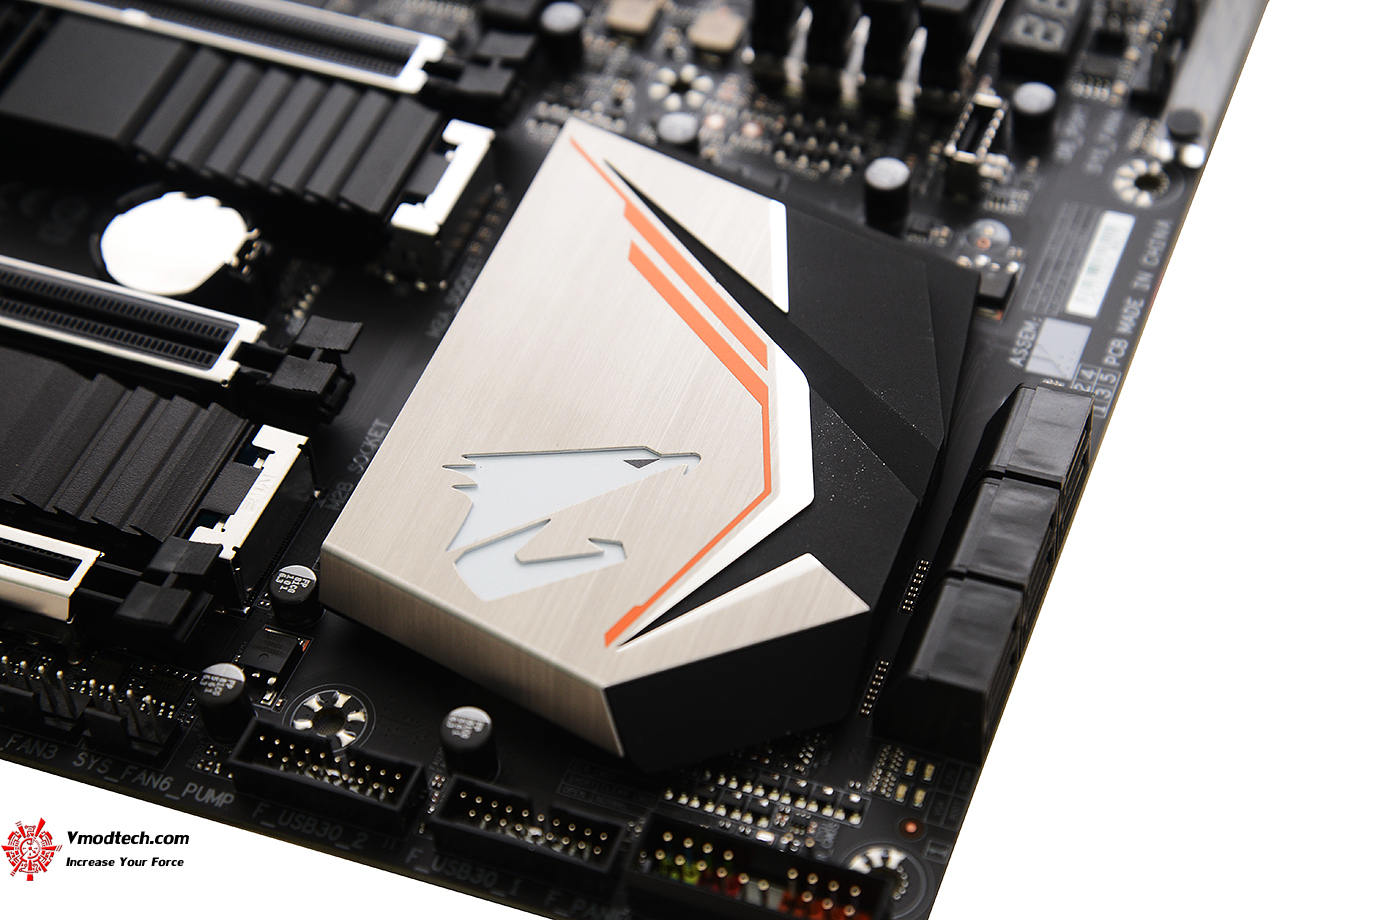 dsc 1395 AMD RYZEN 7 2700X PROCESSOR REVIEW